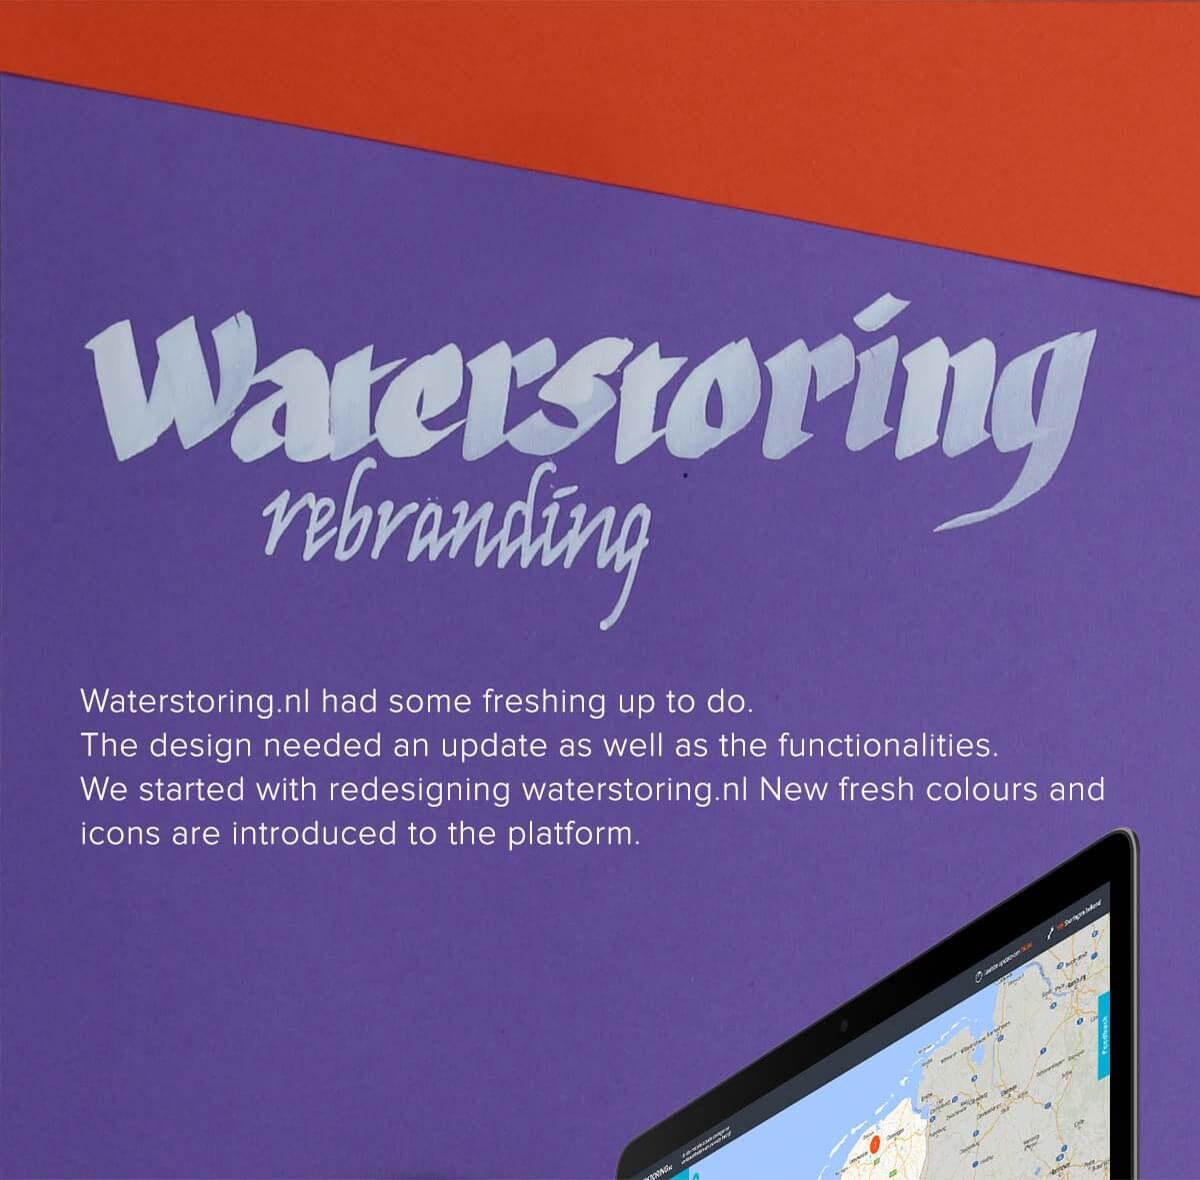 Waterstoring